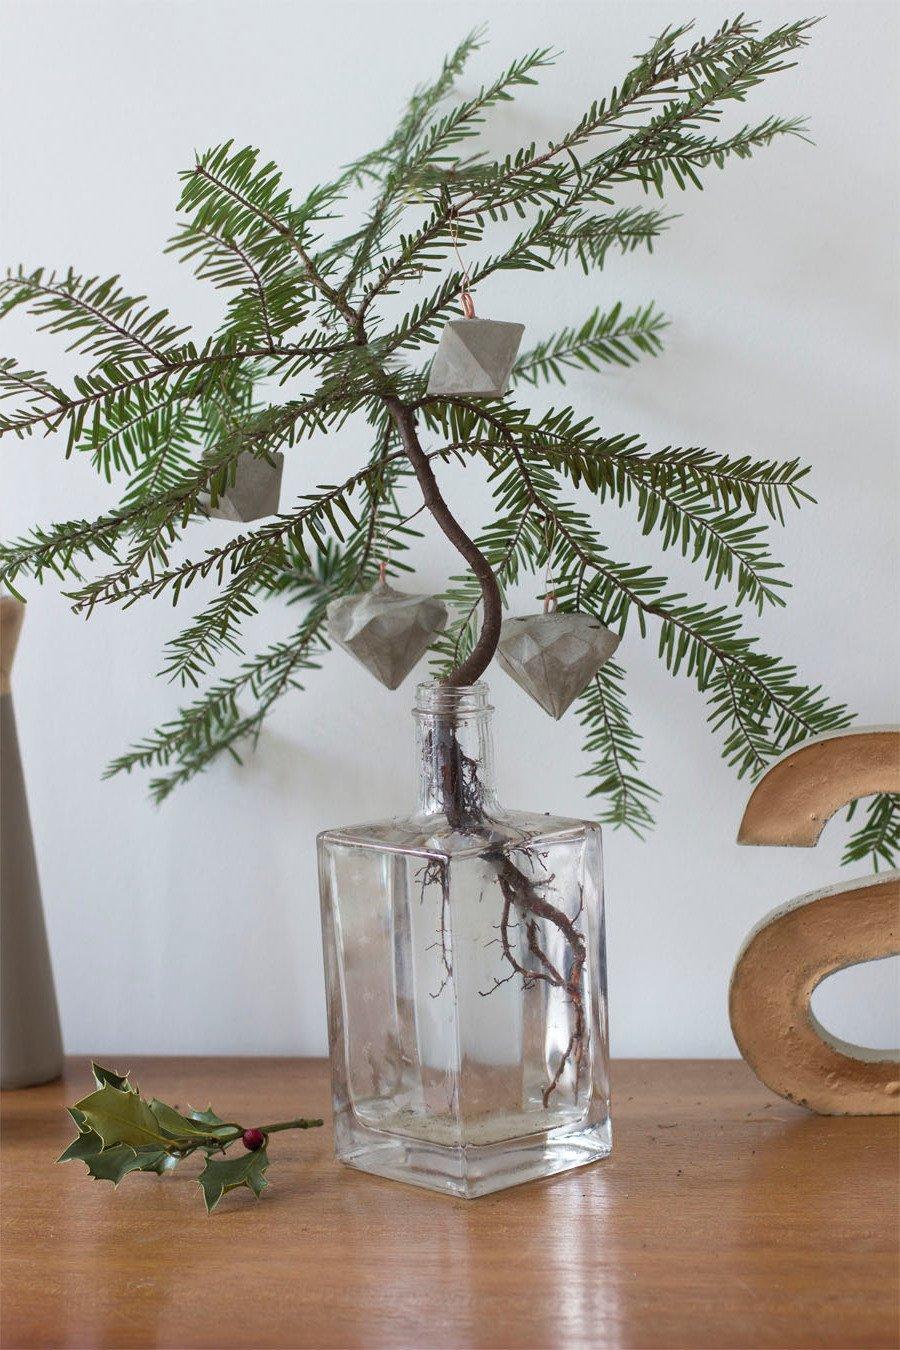 beton deko weihnachtsdeko aus beton basteln 34 diy anleitungen diy weihnachtsdeko ideen. Black Bedroom Furniture Sets. Home Design Ideas